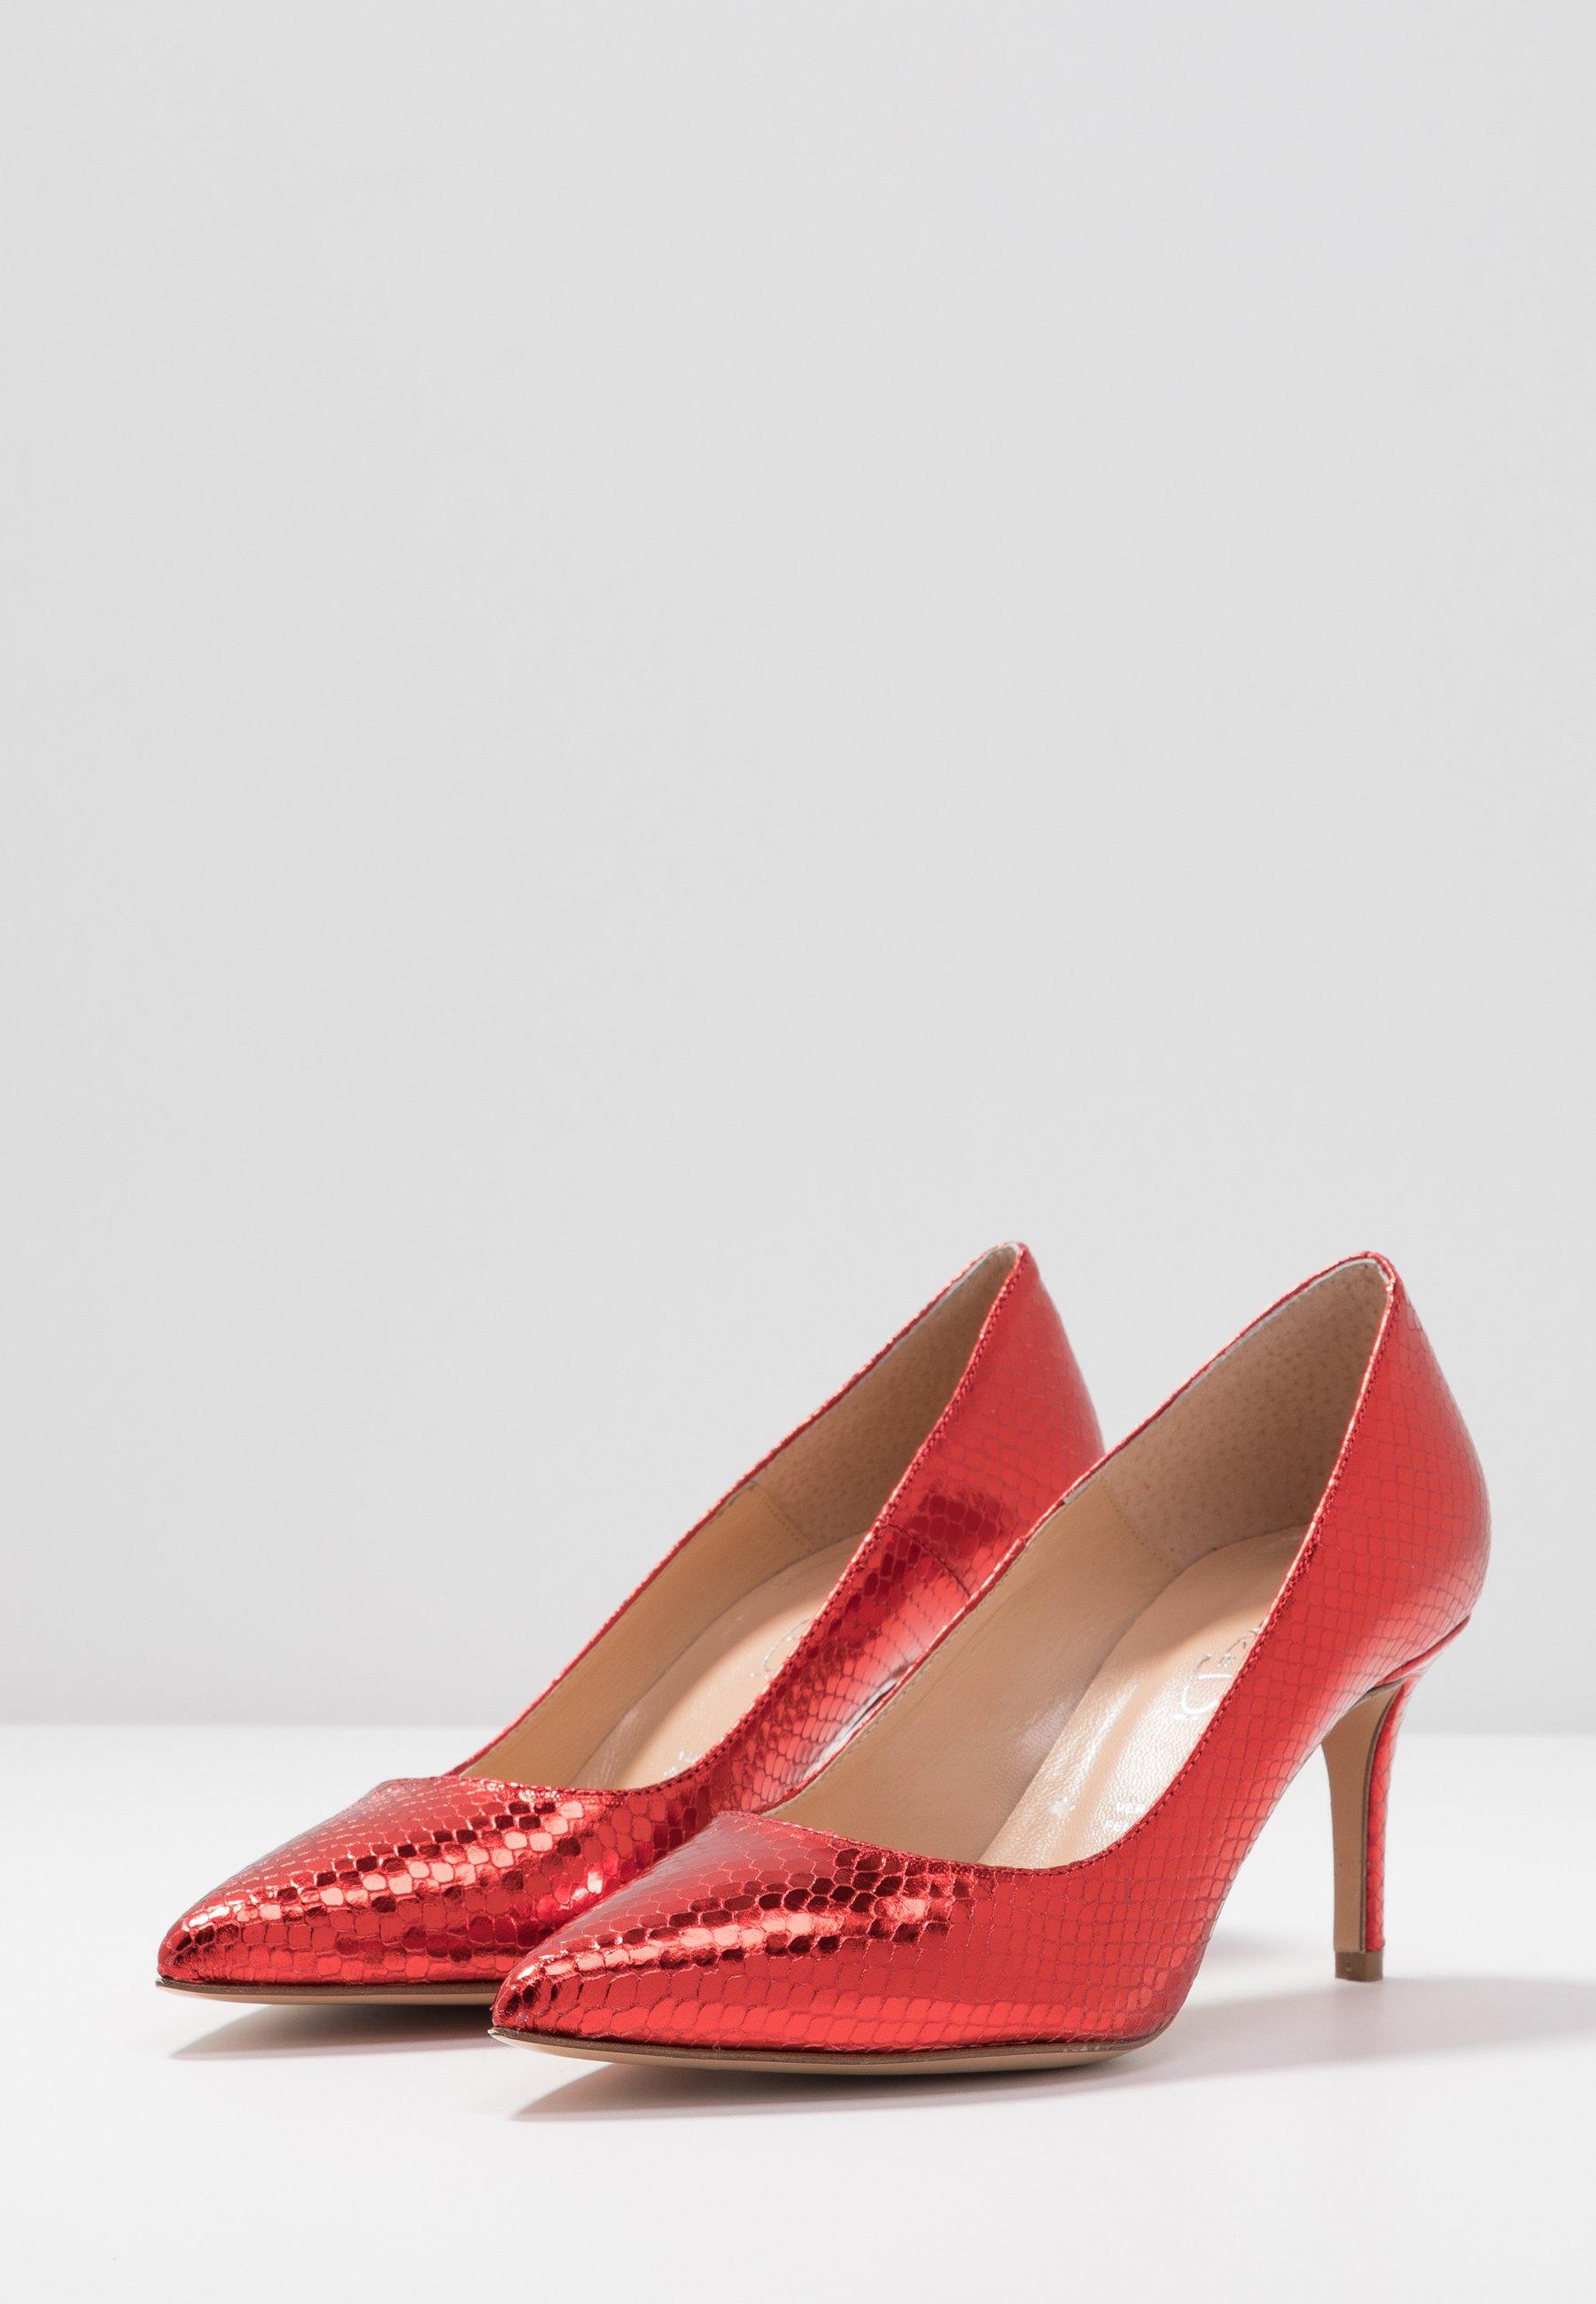 A hoy Bianca Di Tacones - rosso | Calzado de mujer2020 GfqAH